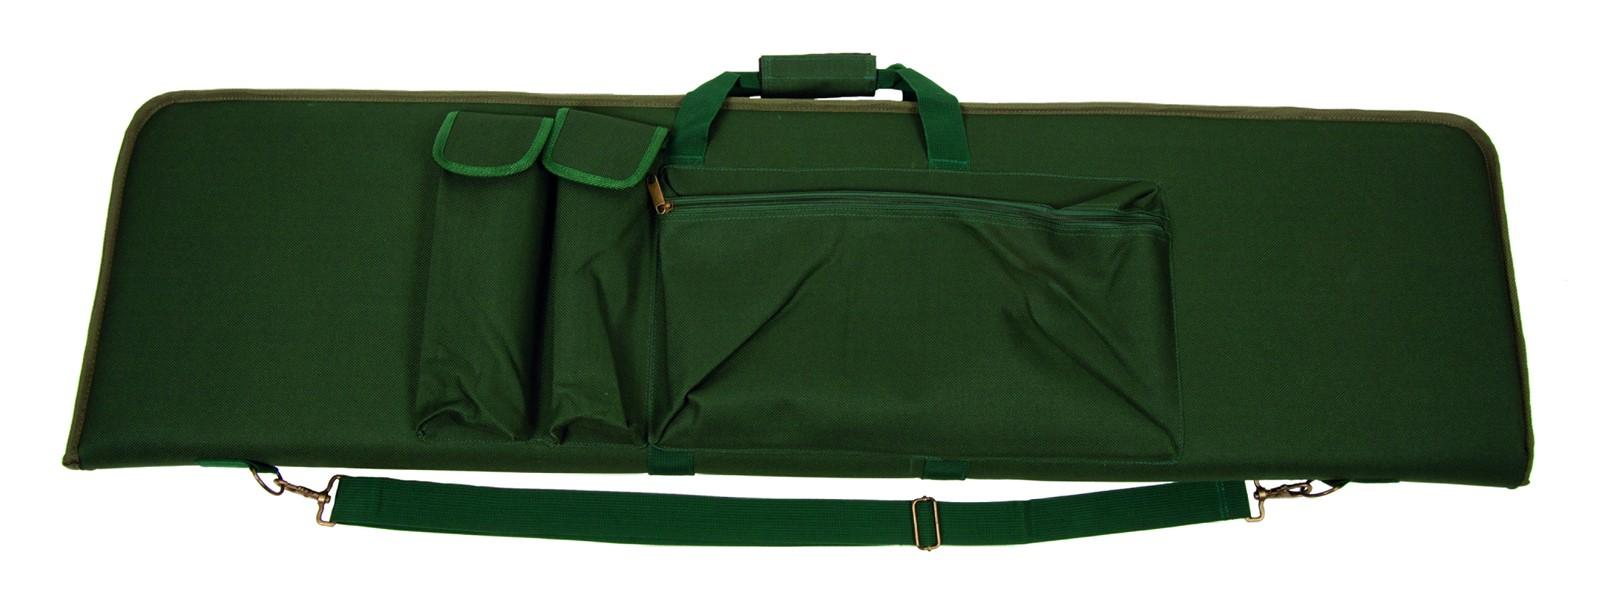 Casemat Green